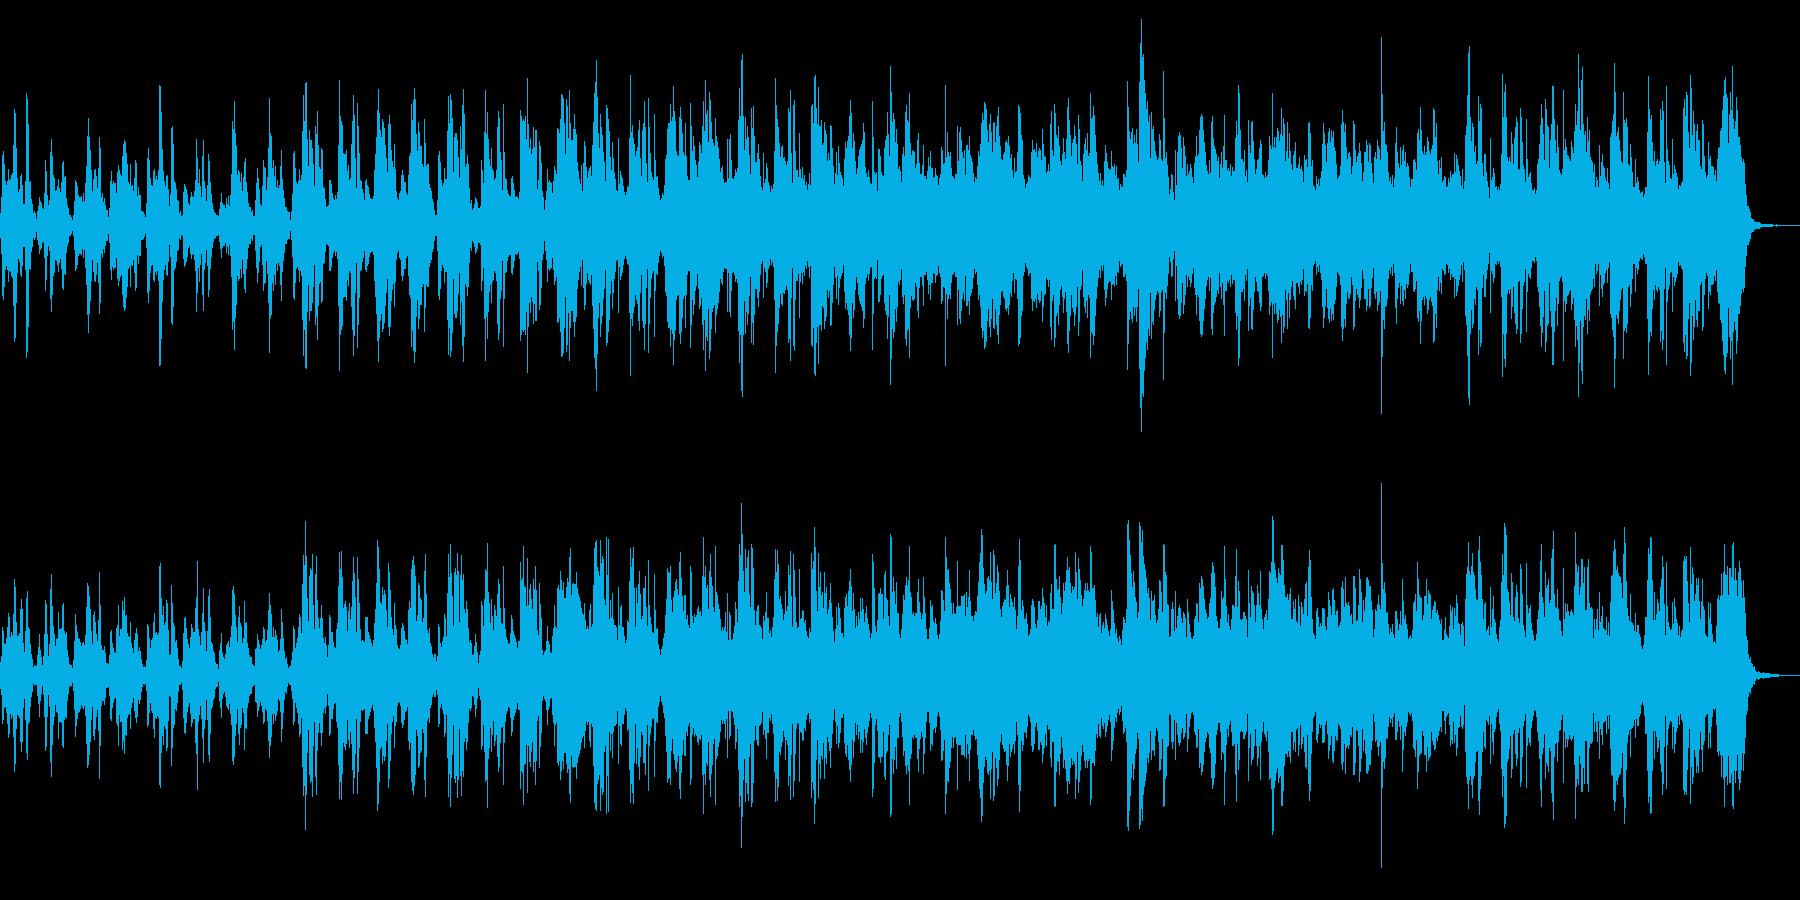 ストリングスとピアノの日常感ある楽曲の再生済みの波形